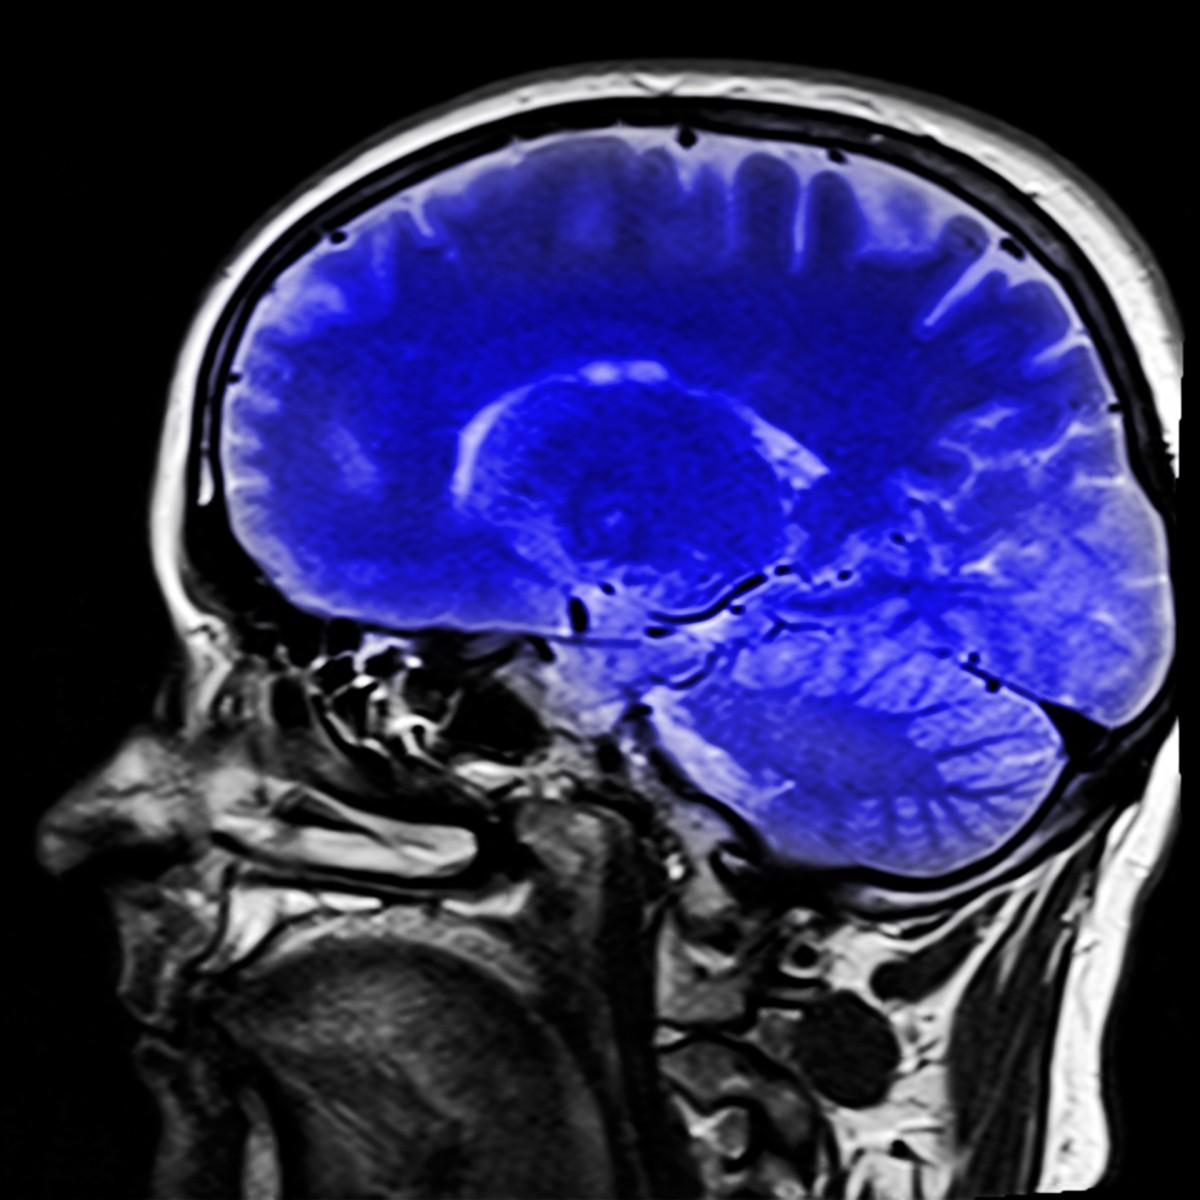 otak untuk menyimpan memori